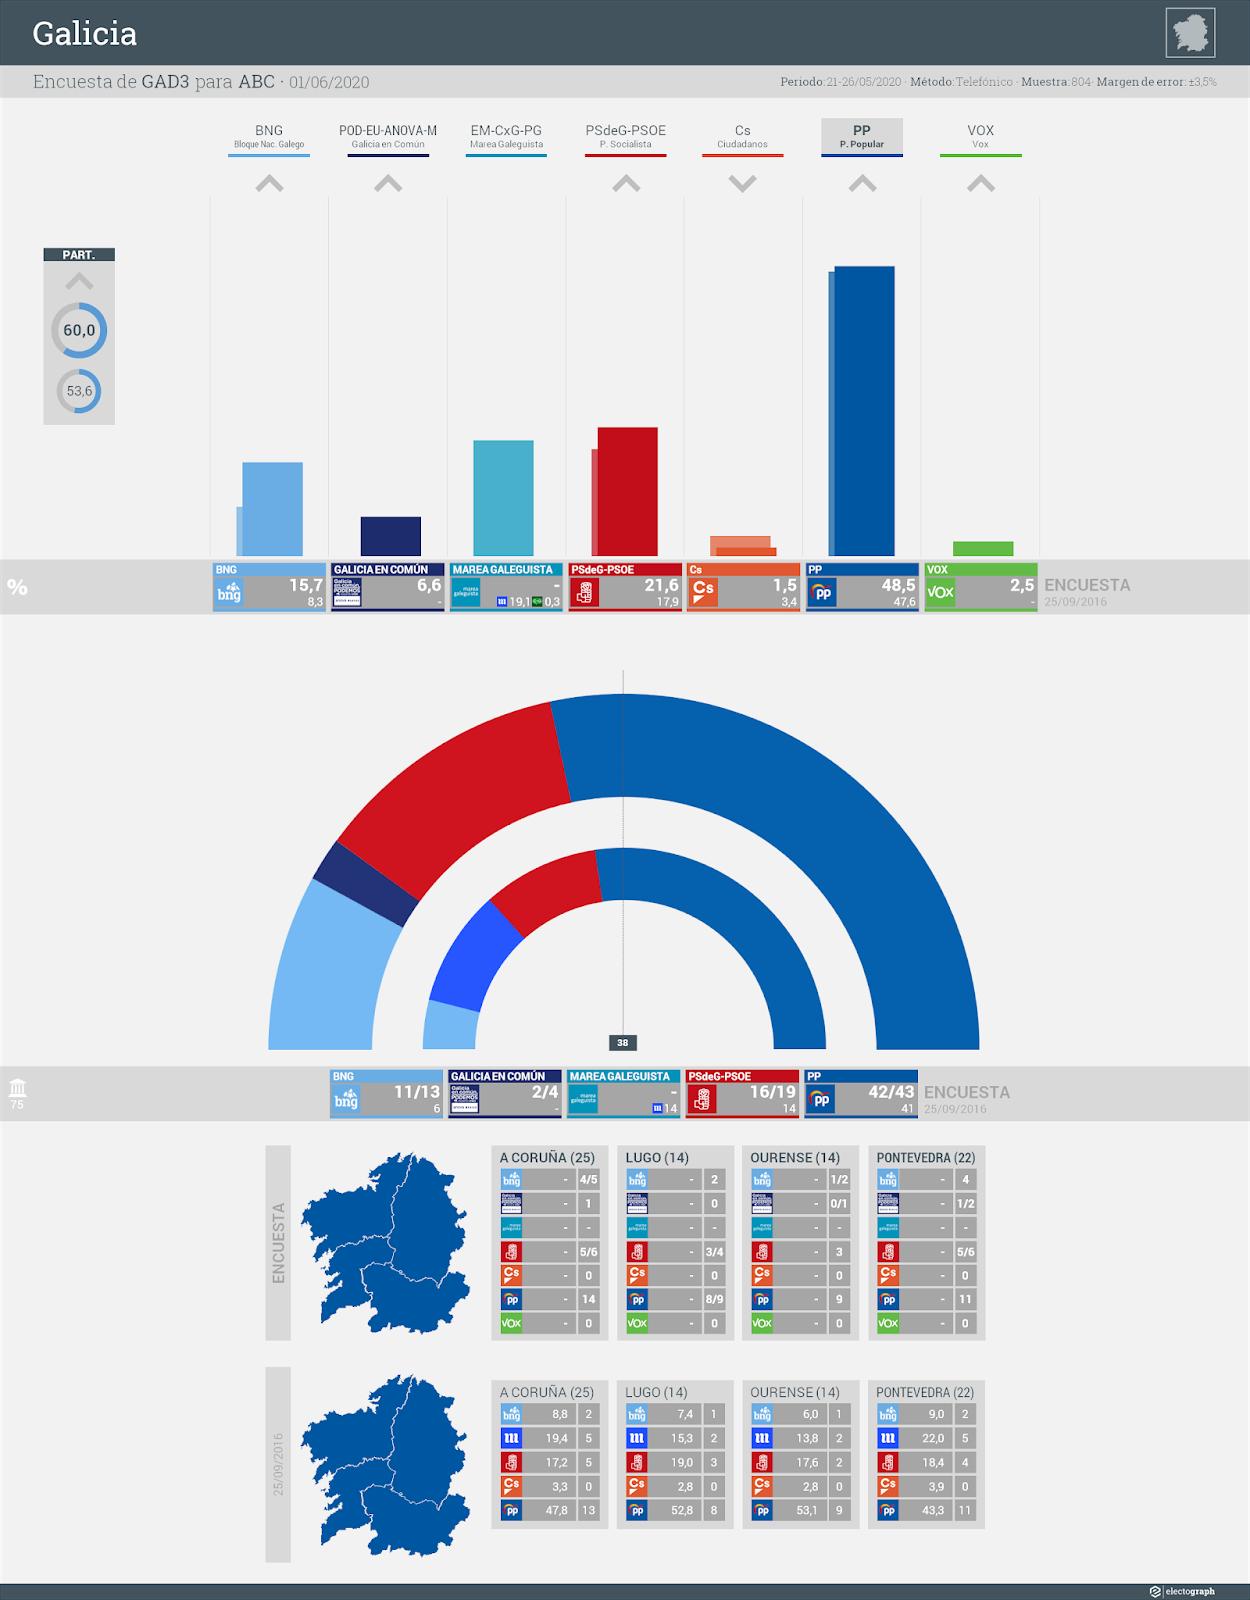 Gráfico de la encuesta para elecciones autonómicas en Galicia realizada por GAD3 para ABC, 1 de junio de 2020